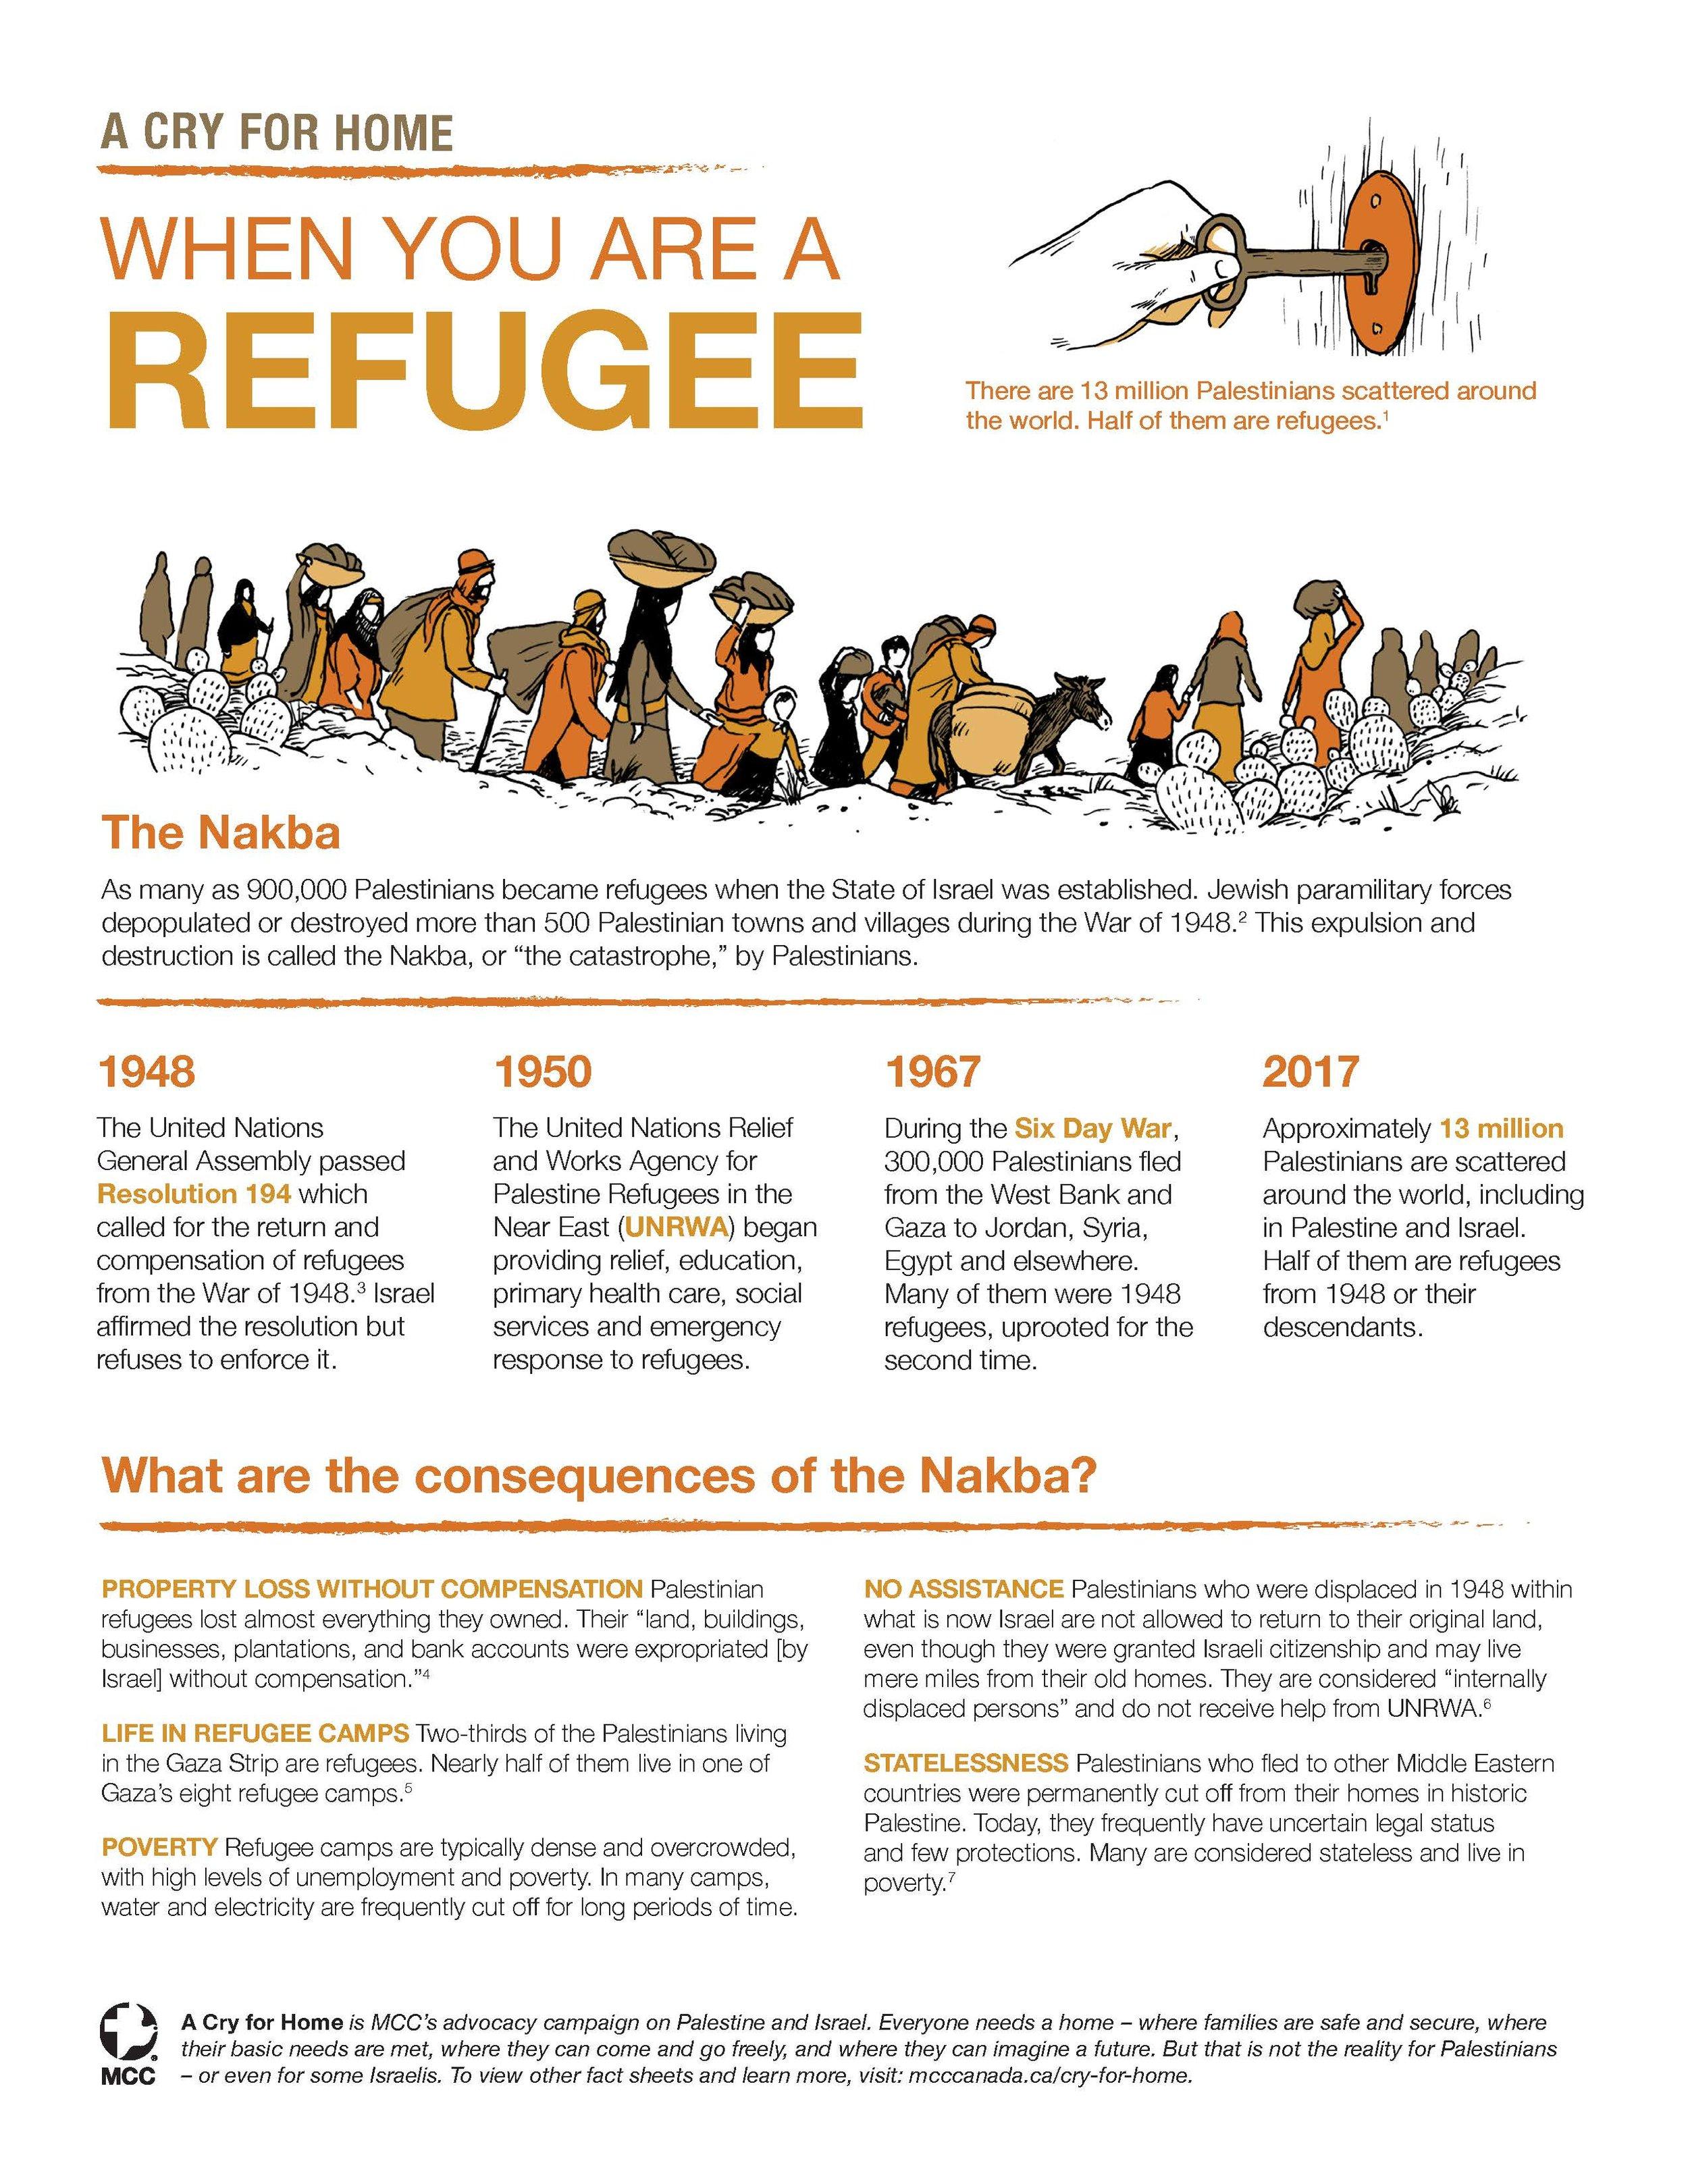 acfh-fact_sheet-refugee-final_Page_1.jpg